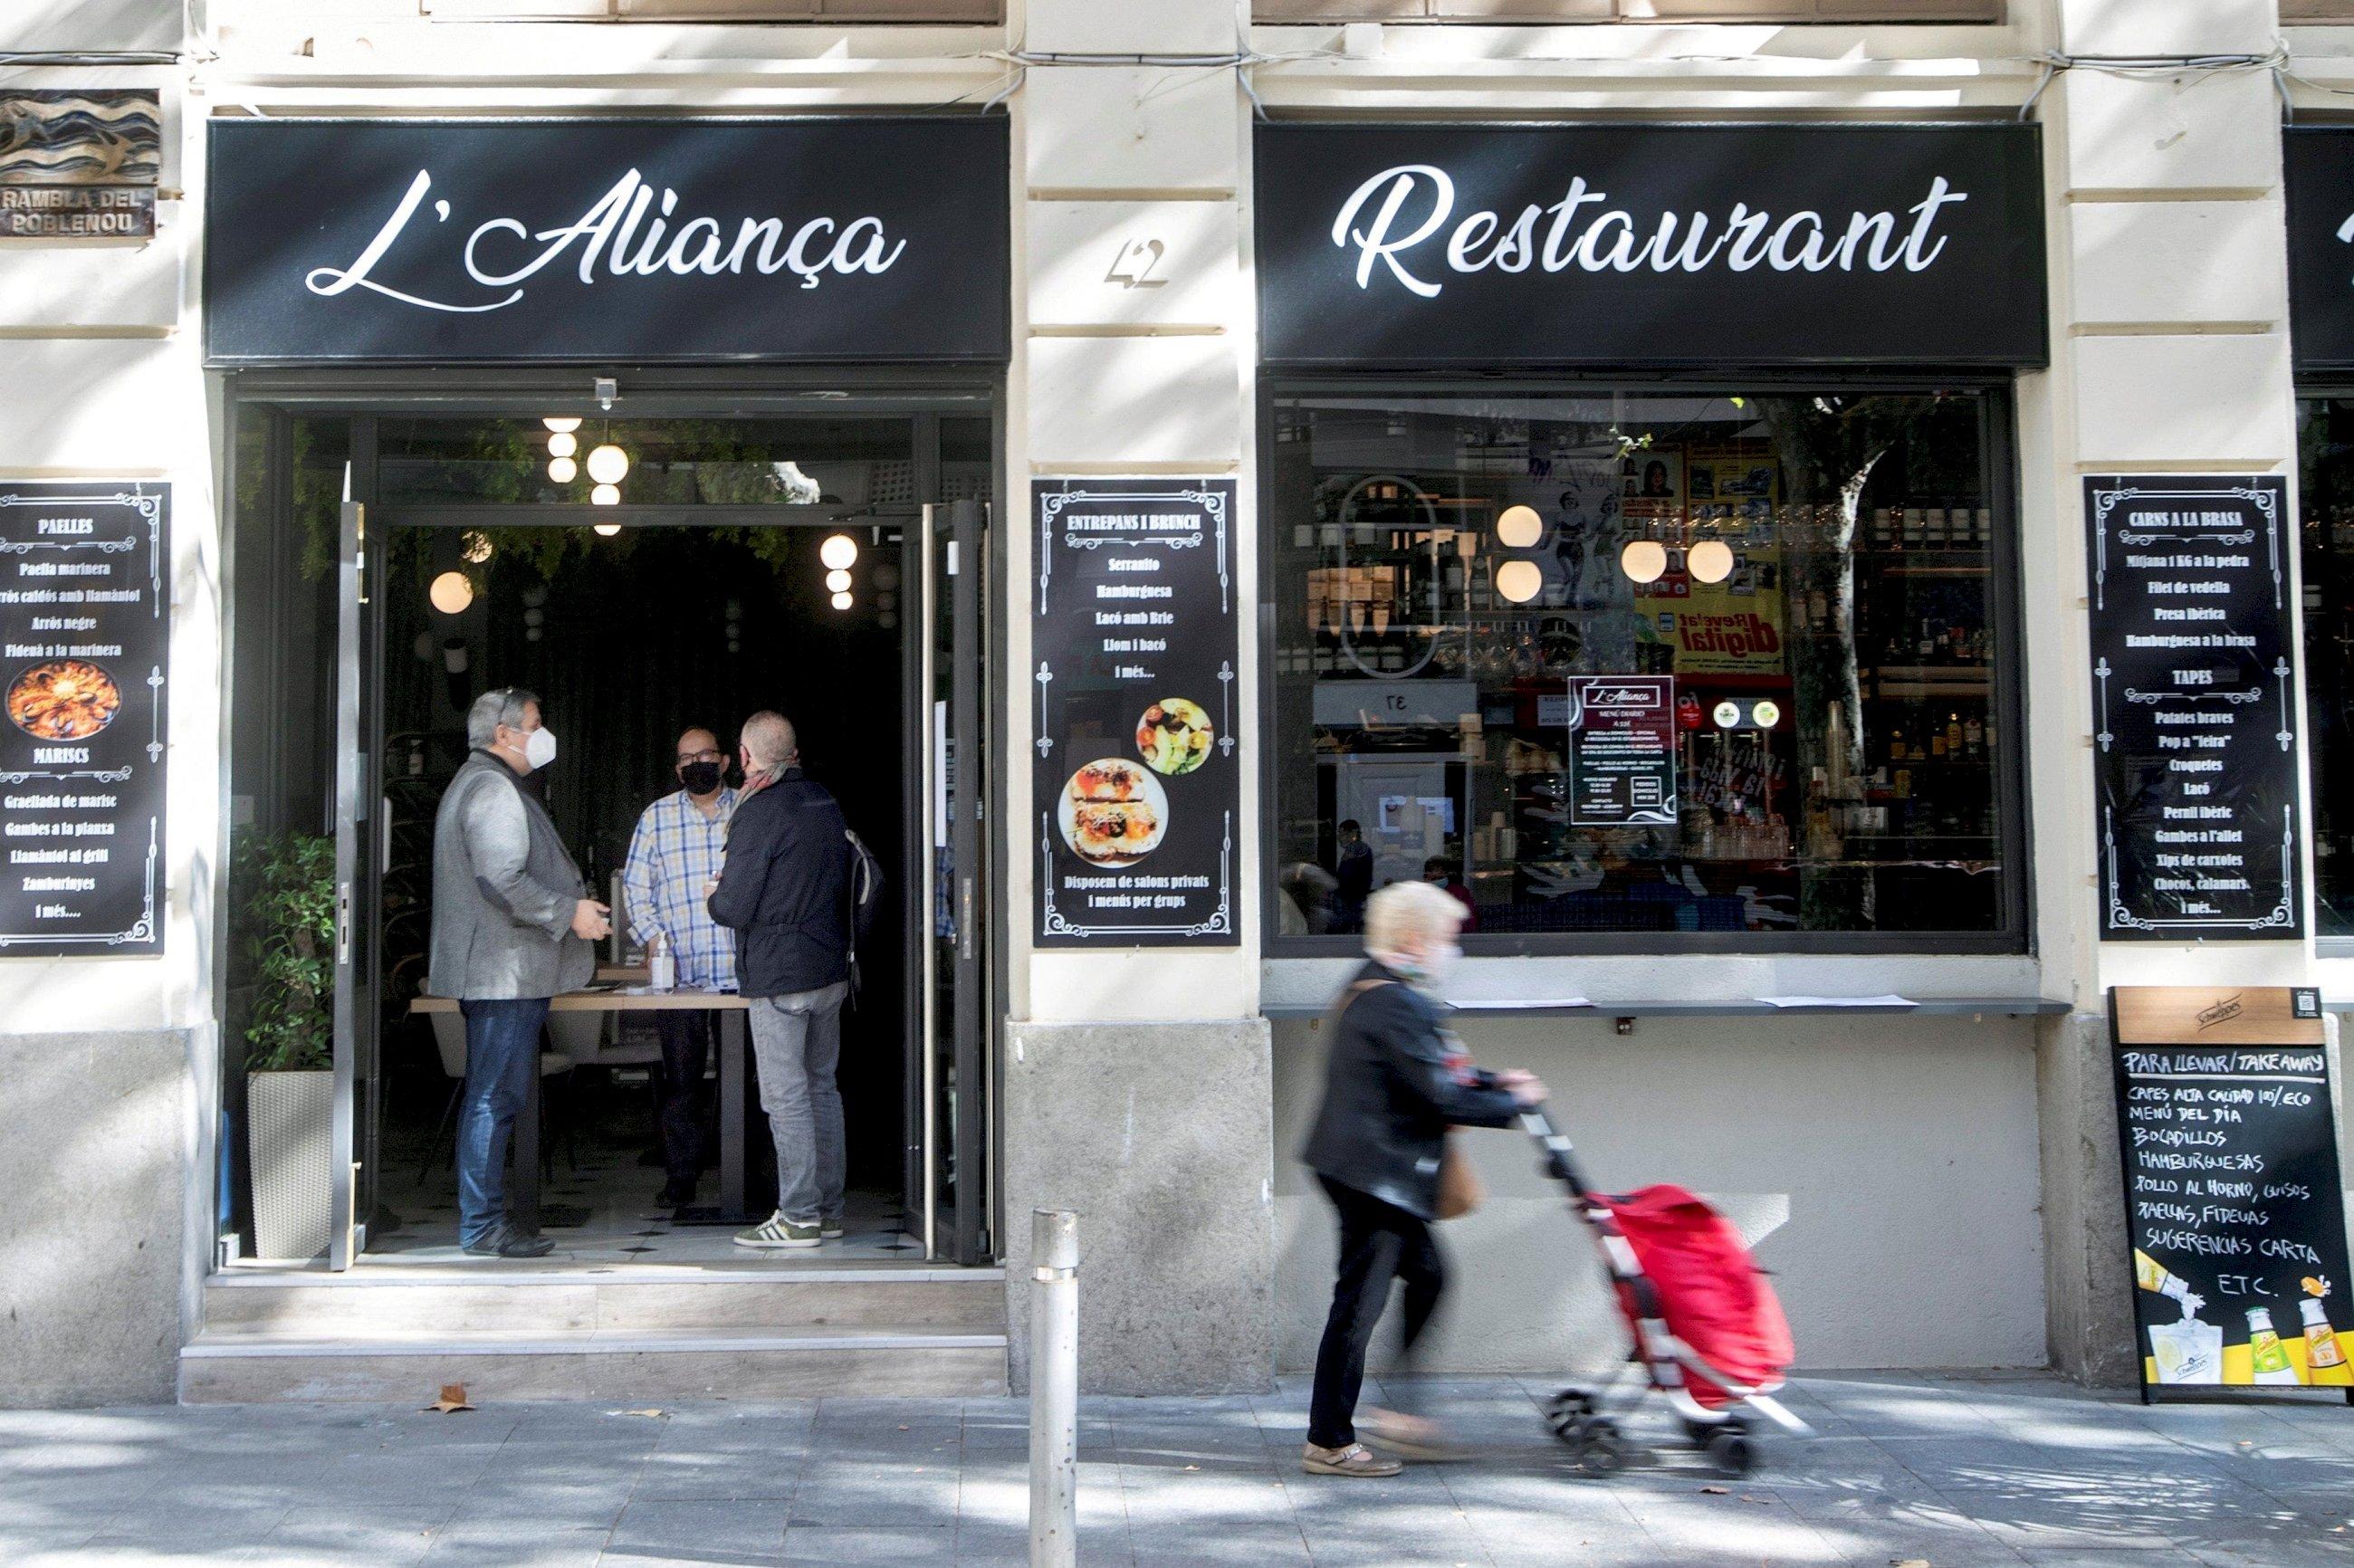 Un bar cerrado al público en el Poblenou de Barcelona, en Cataluña, donde a partir del 16 de octubre de 2020 se han cerrado los bares y restaurantes | EFE/MP/Archivo